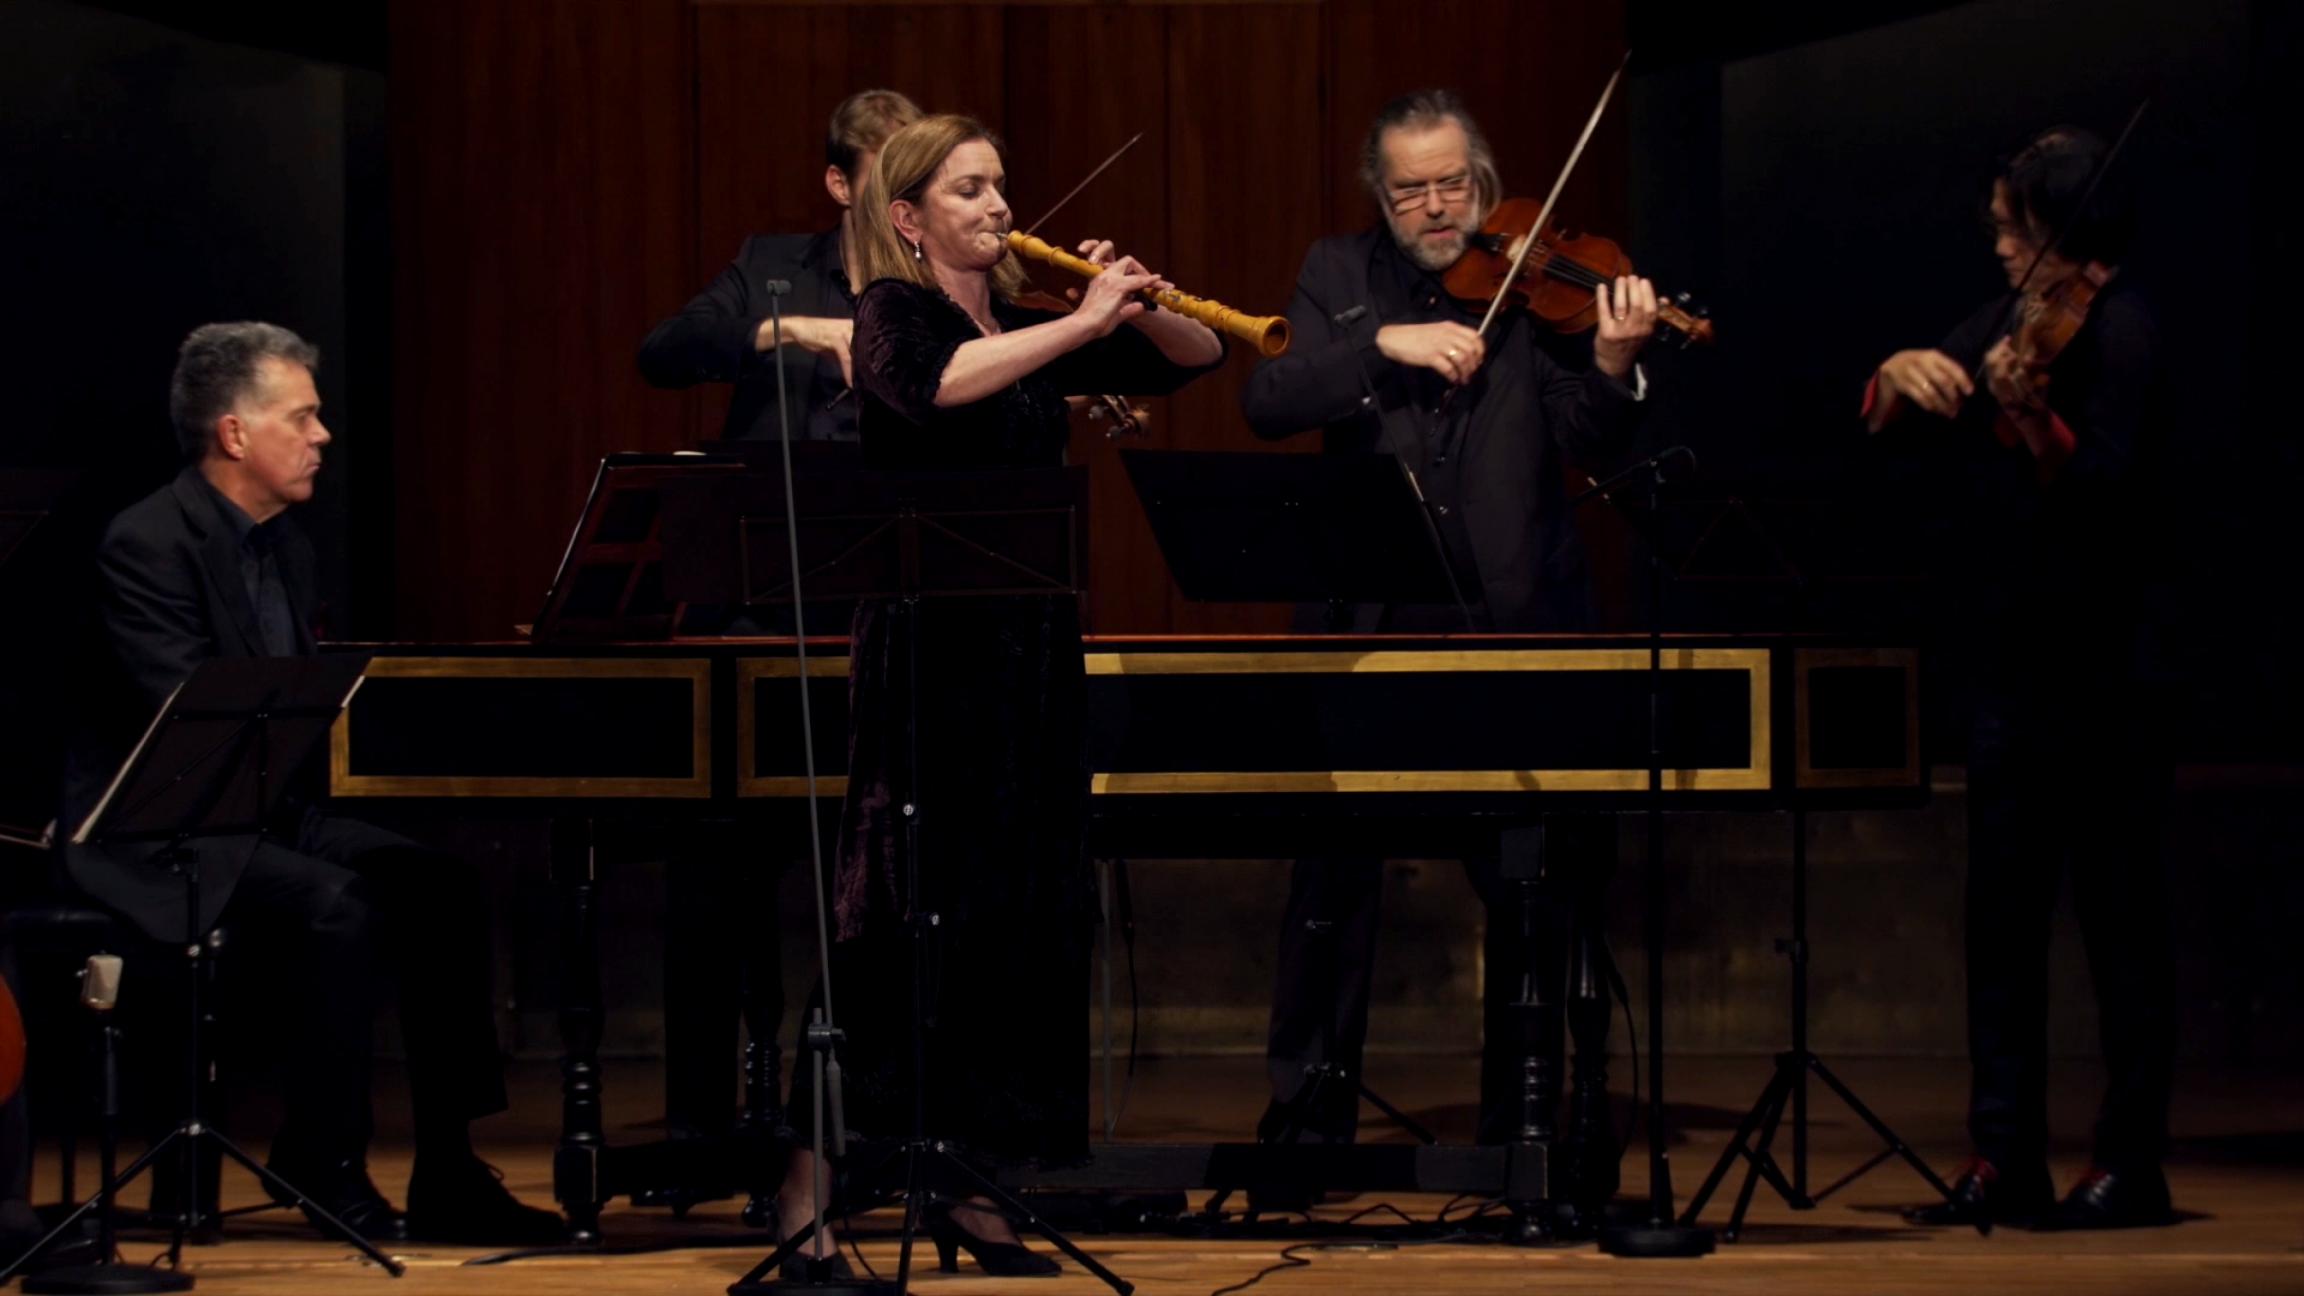 Oboe Concerto in F major